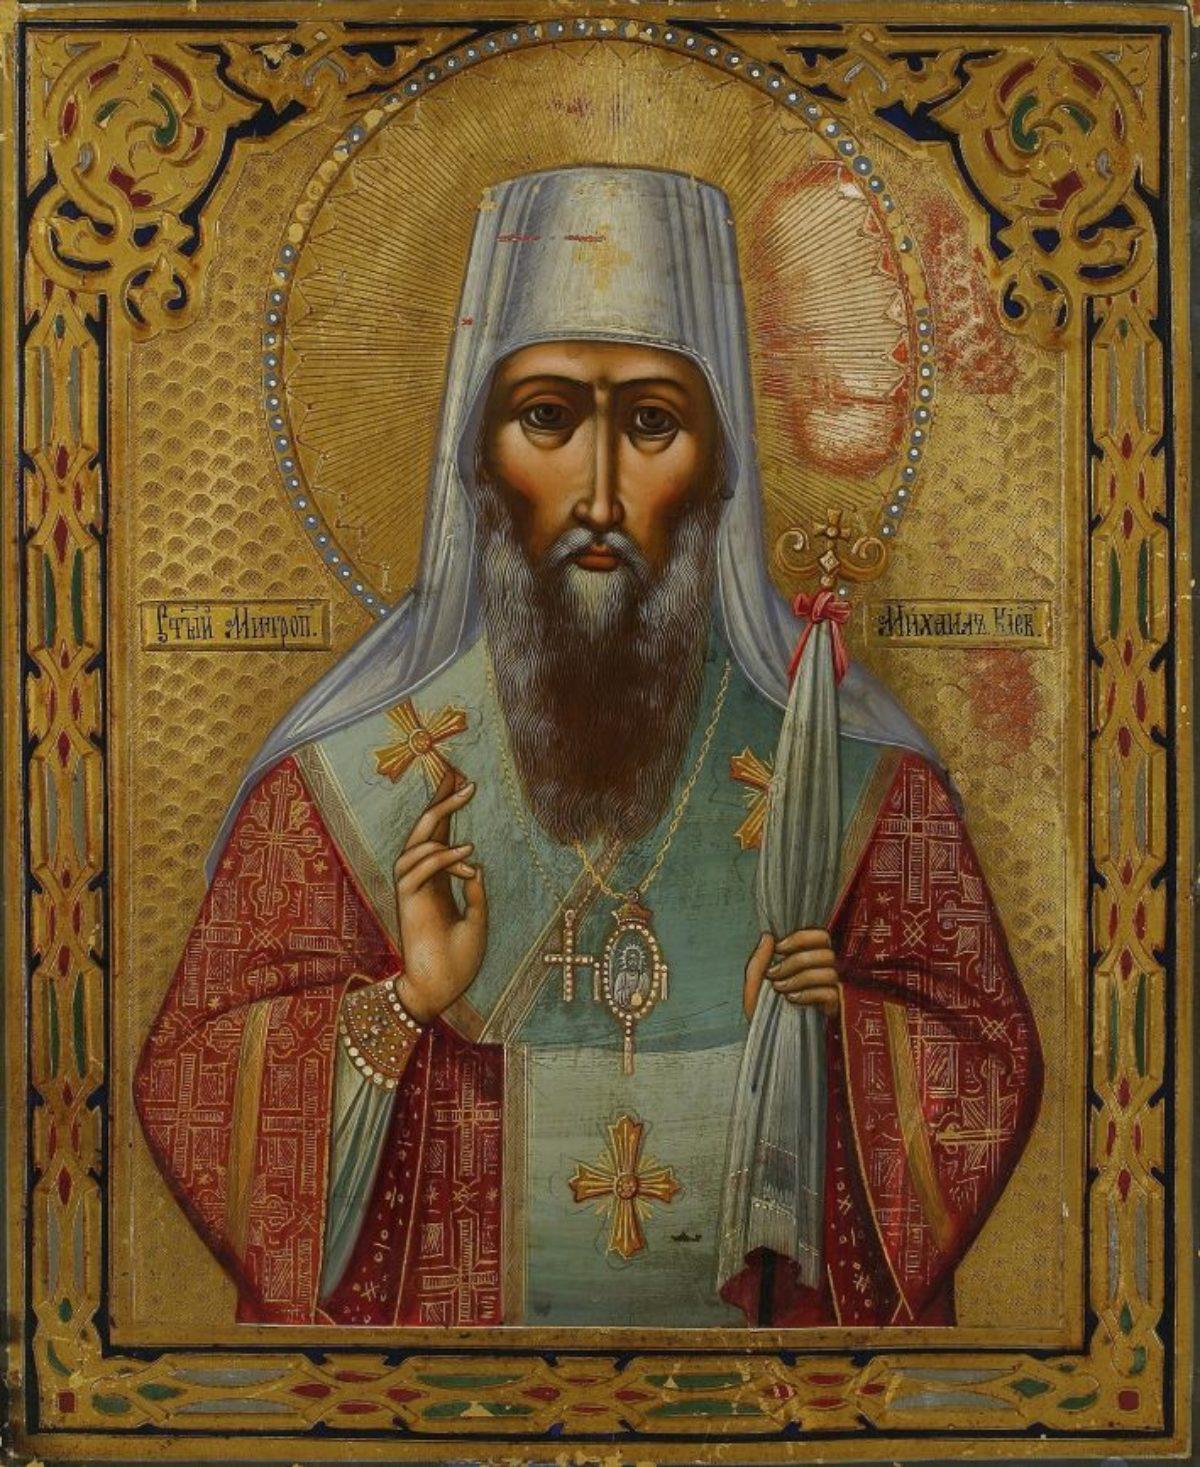 Память свт. Михаила, первого митрополита Киевскаго